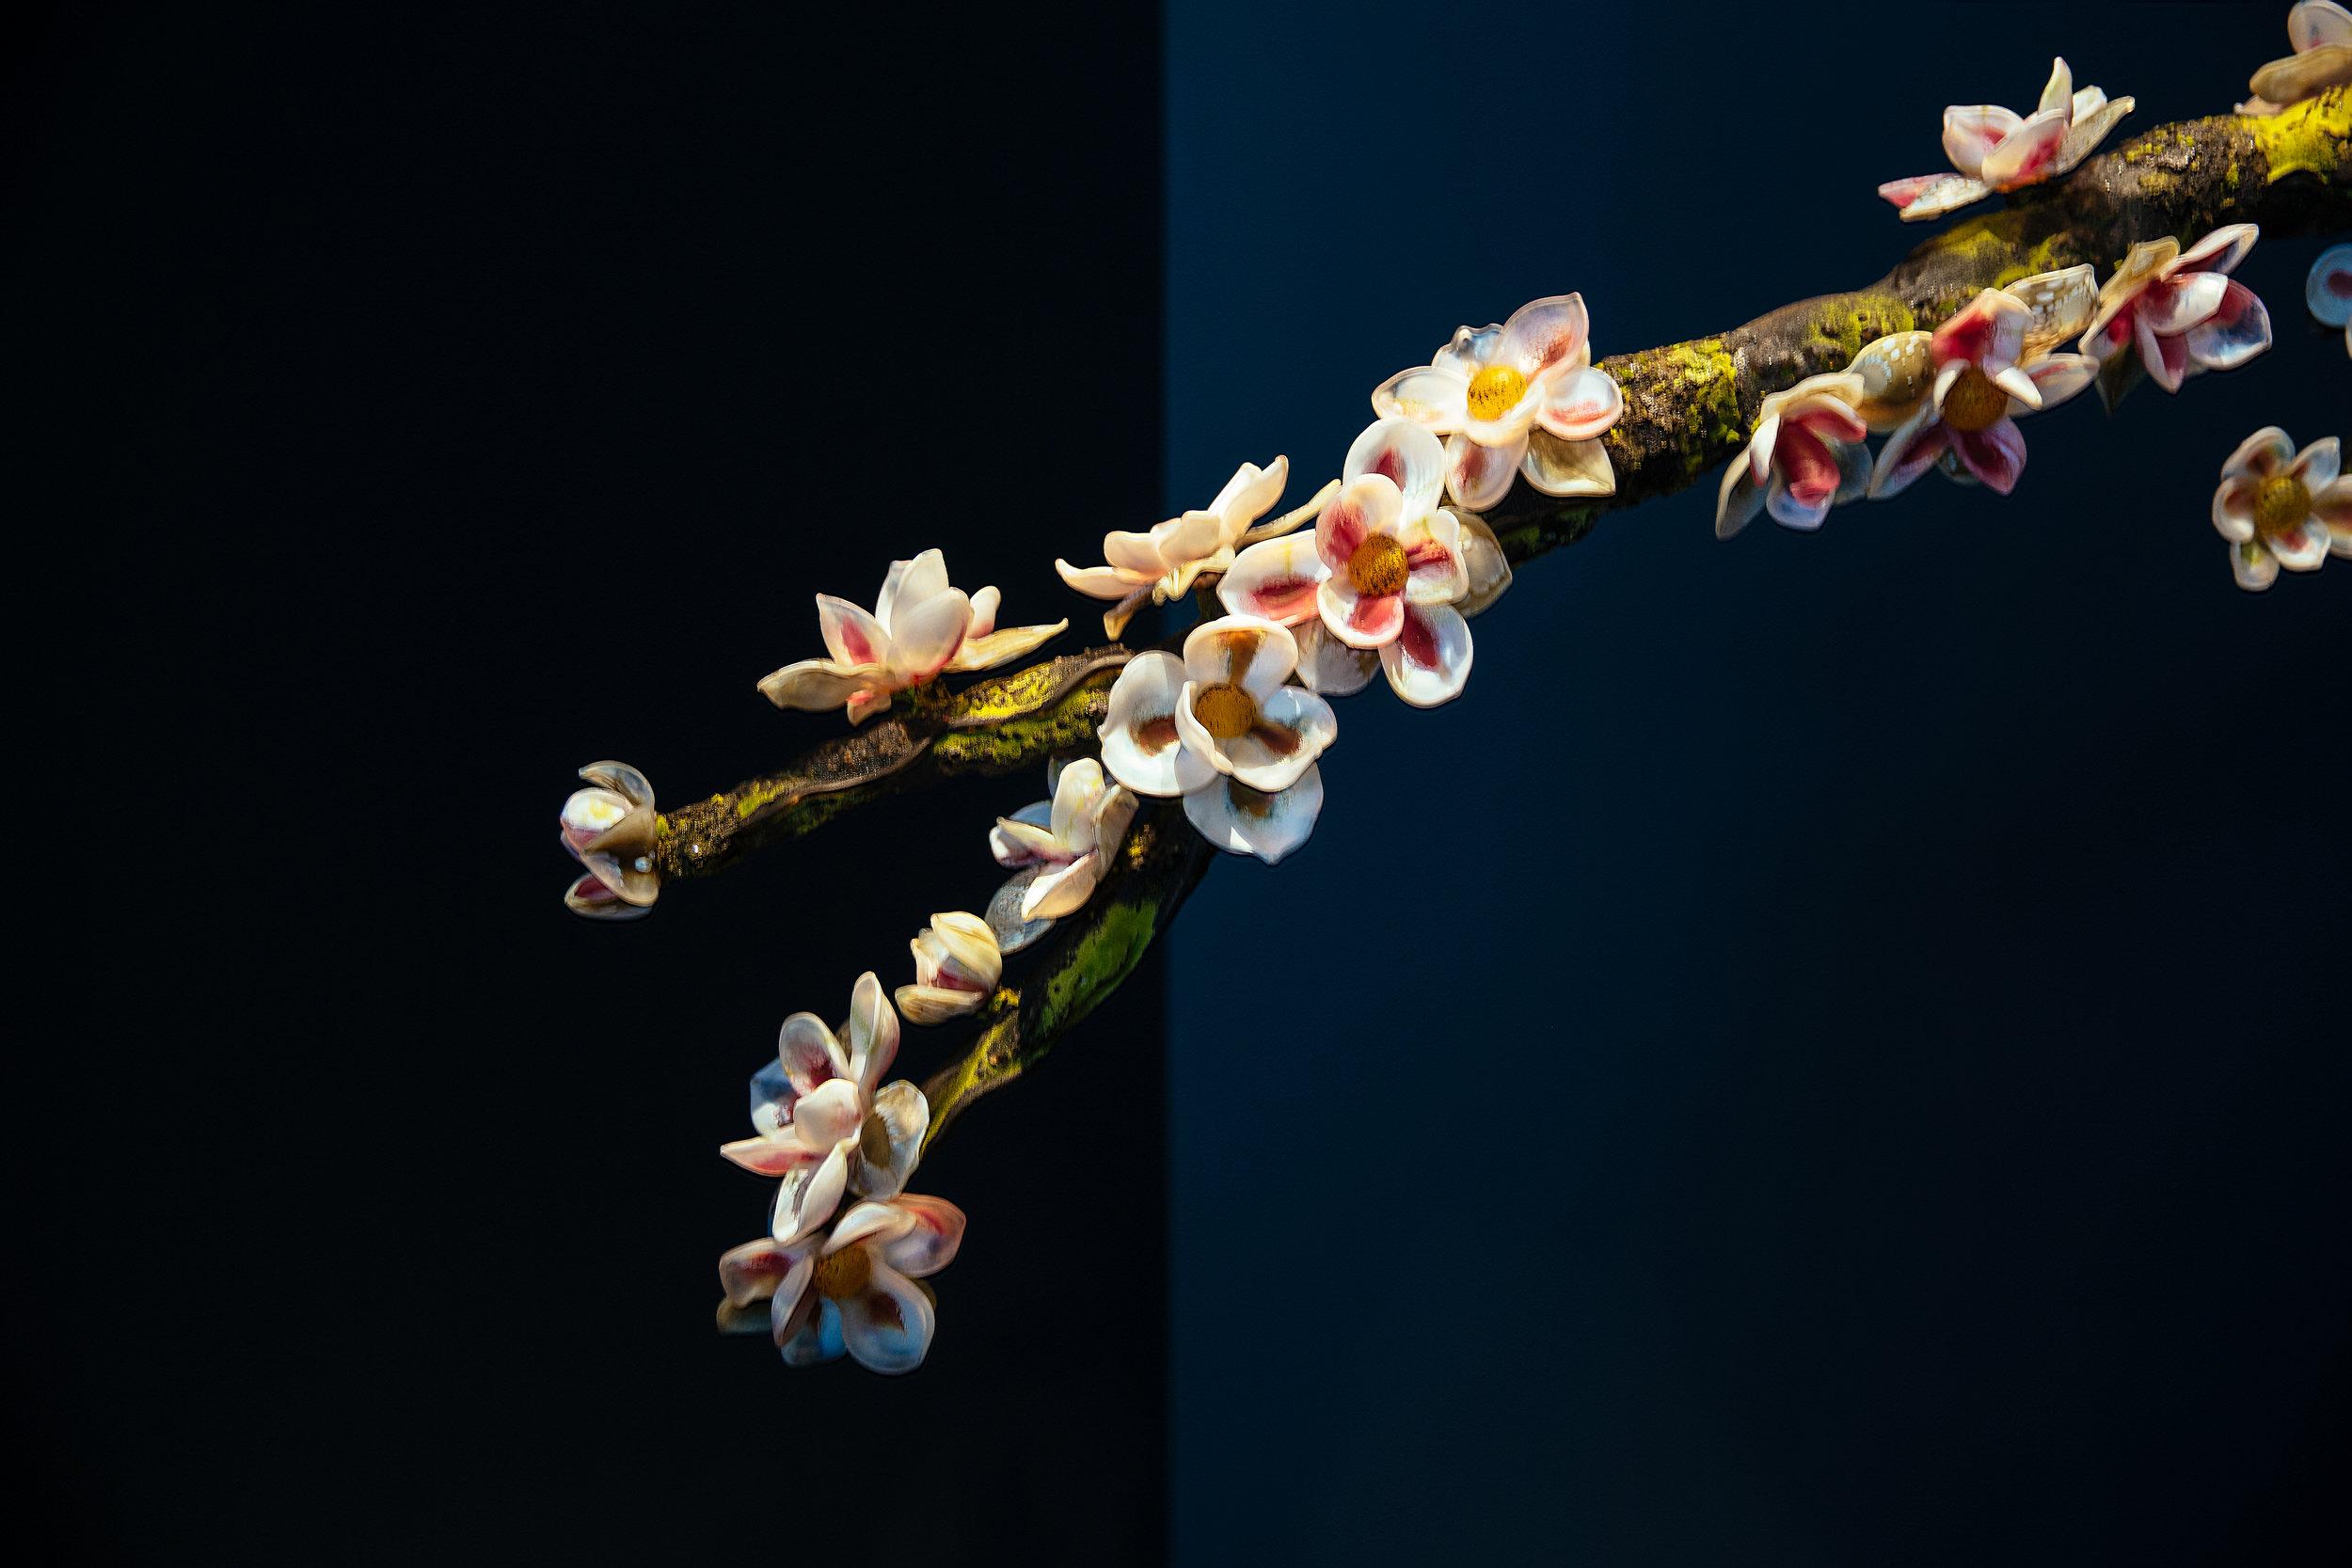 Debora Moore: Arboria, Magnolia